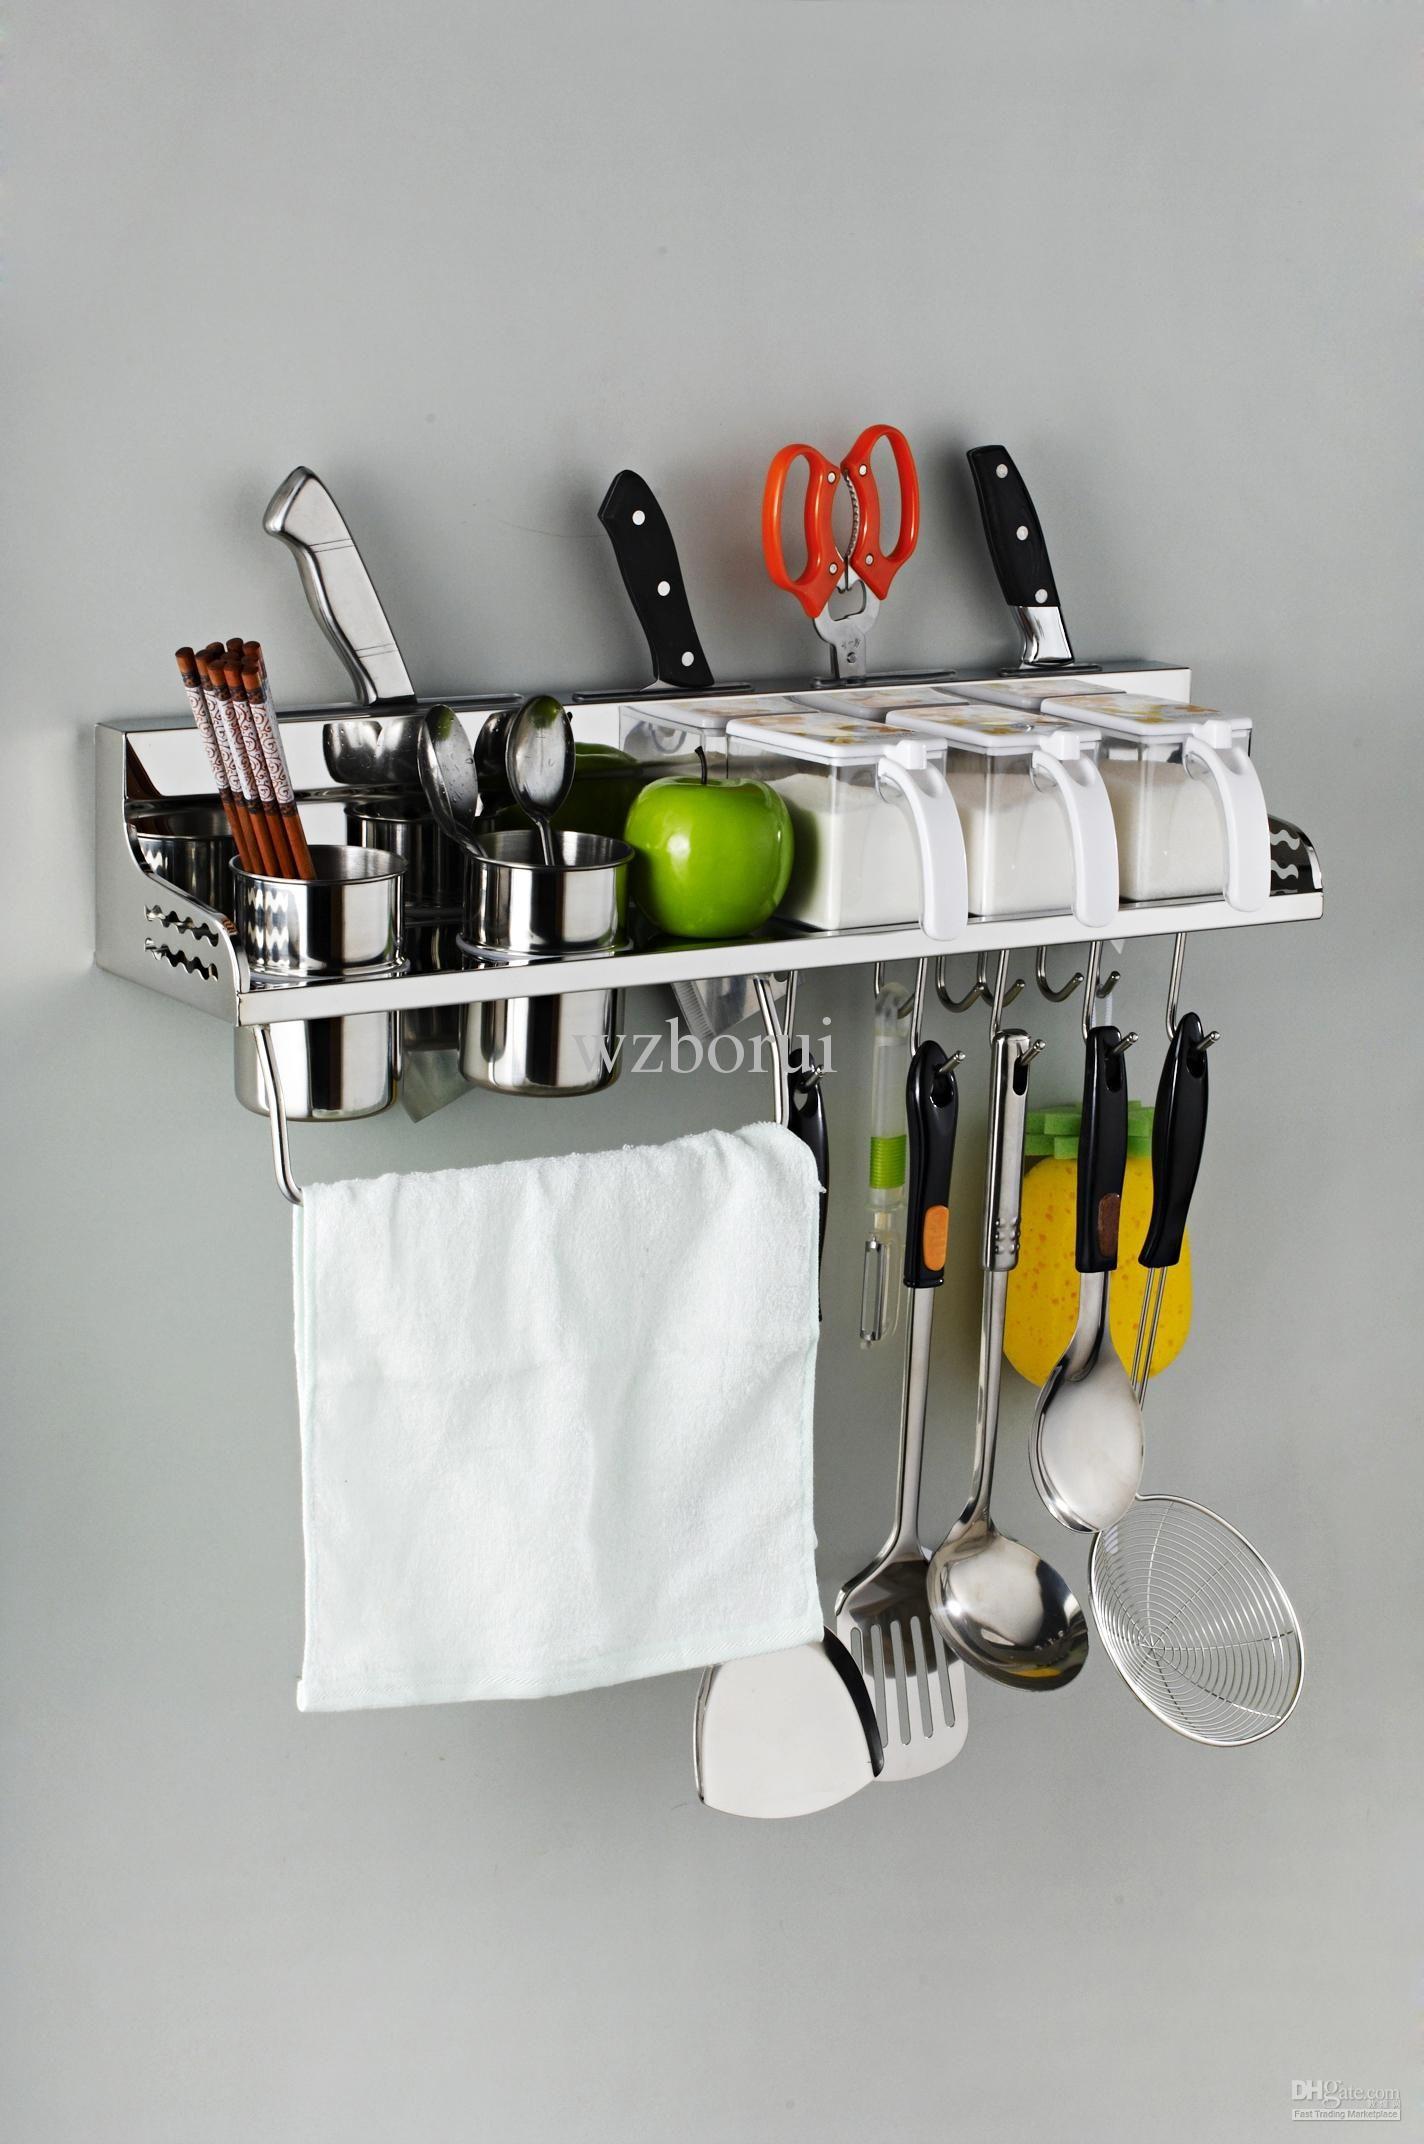 Billig Küche Versorgt Überprüfen Sie mehr unter http://kuchedeko ...